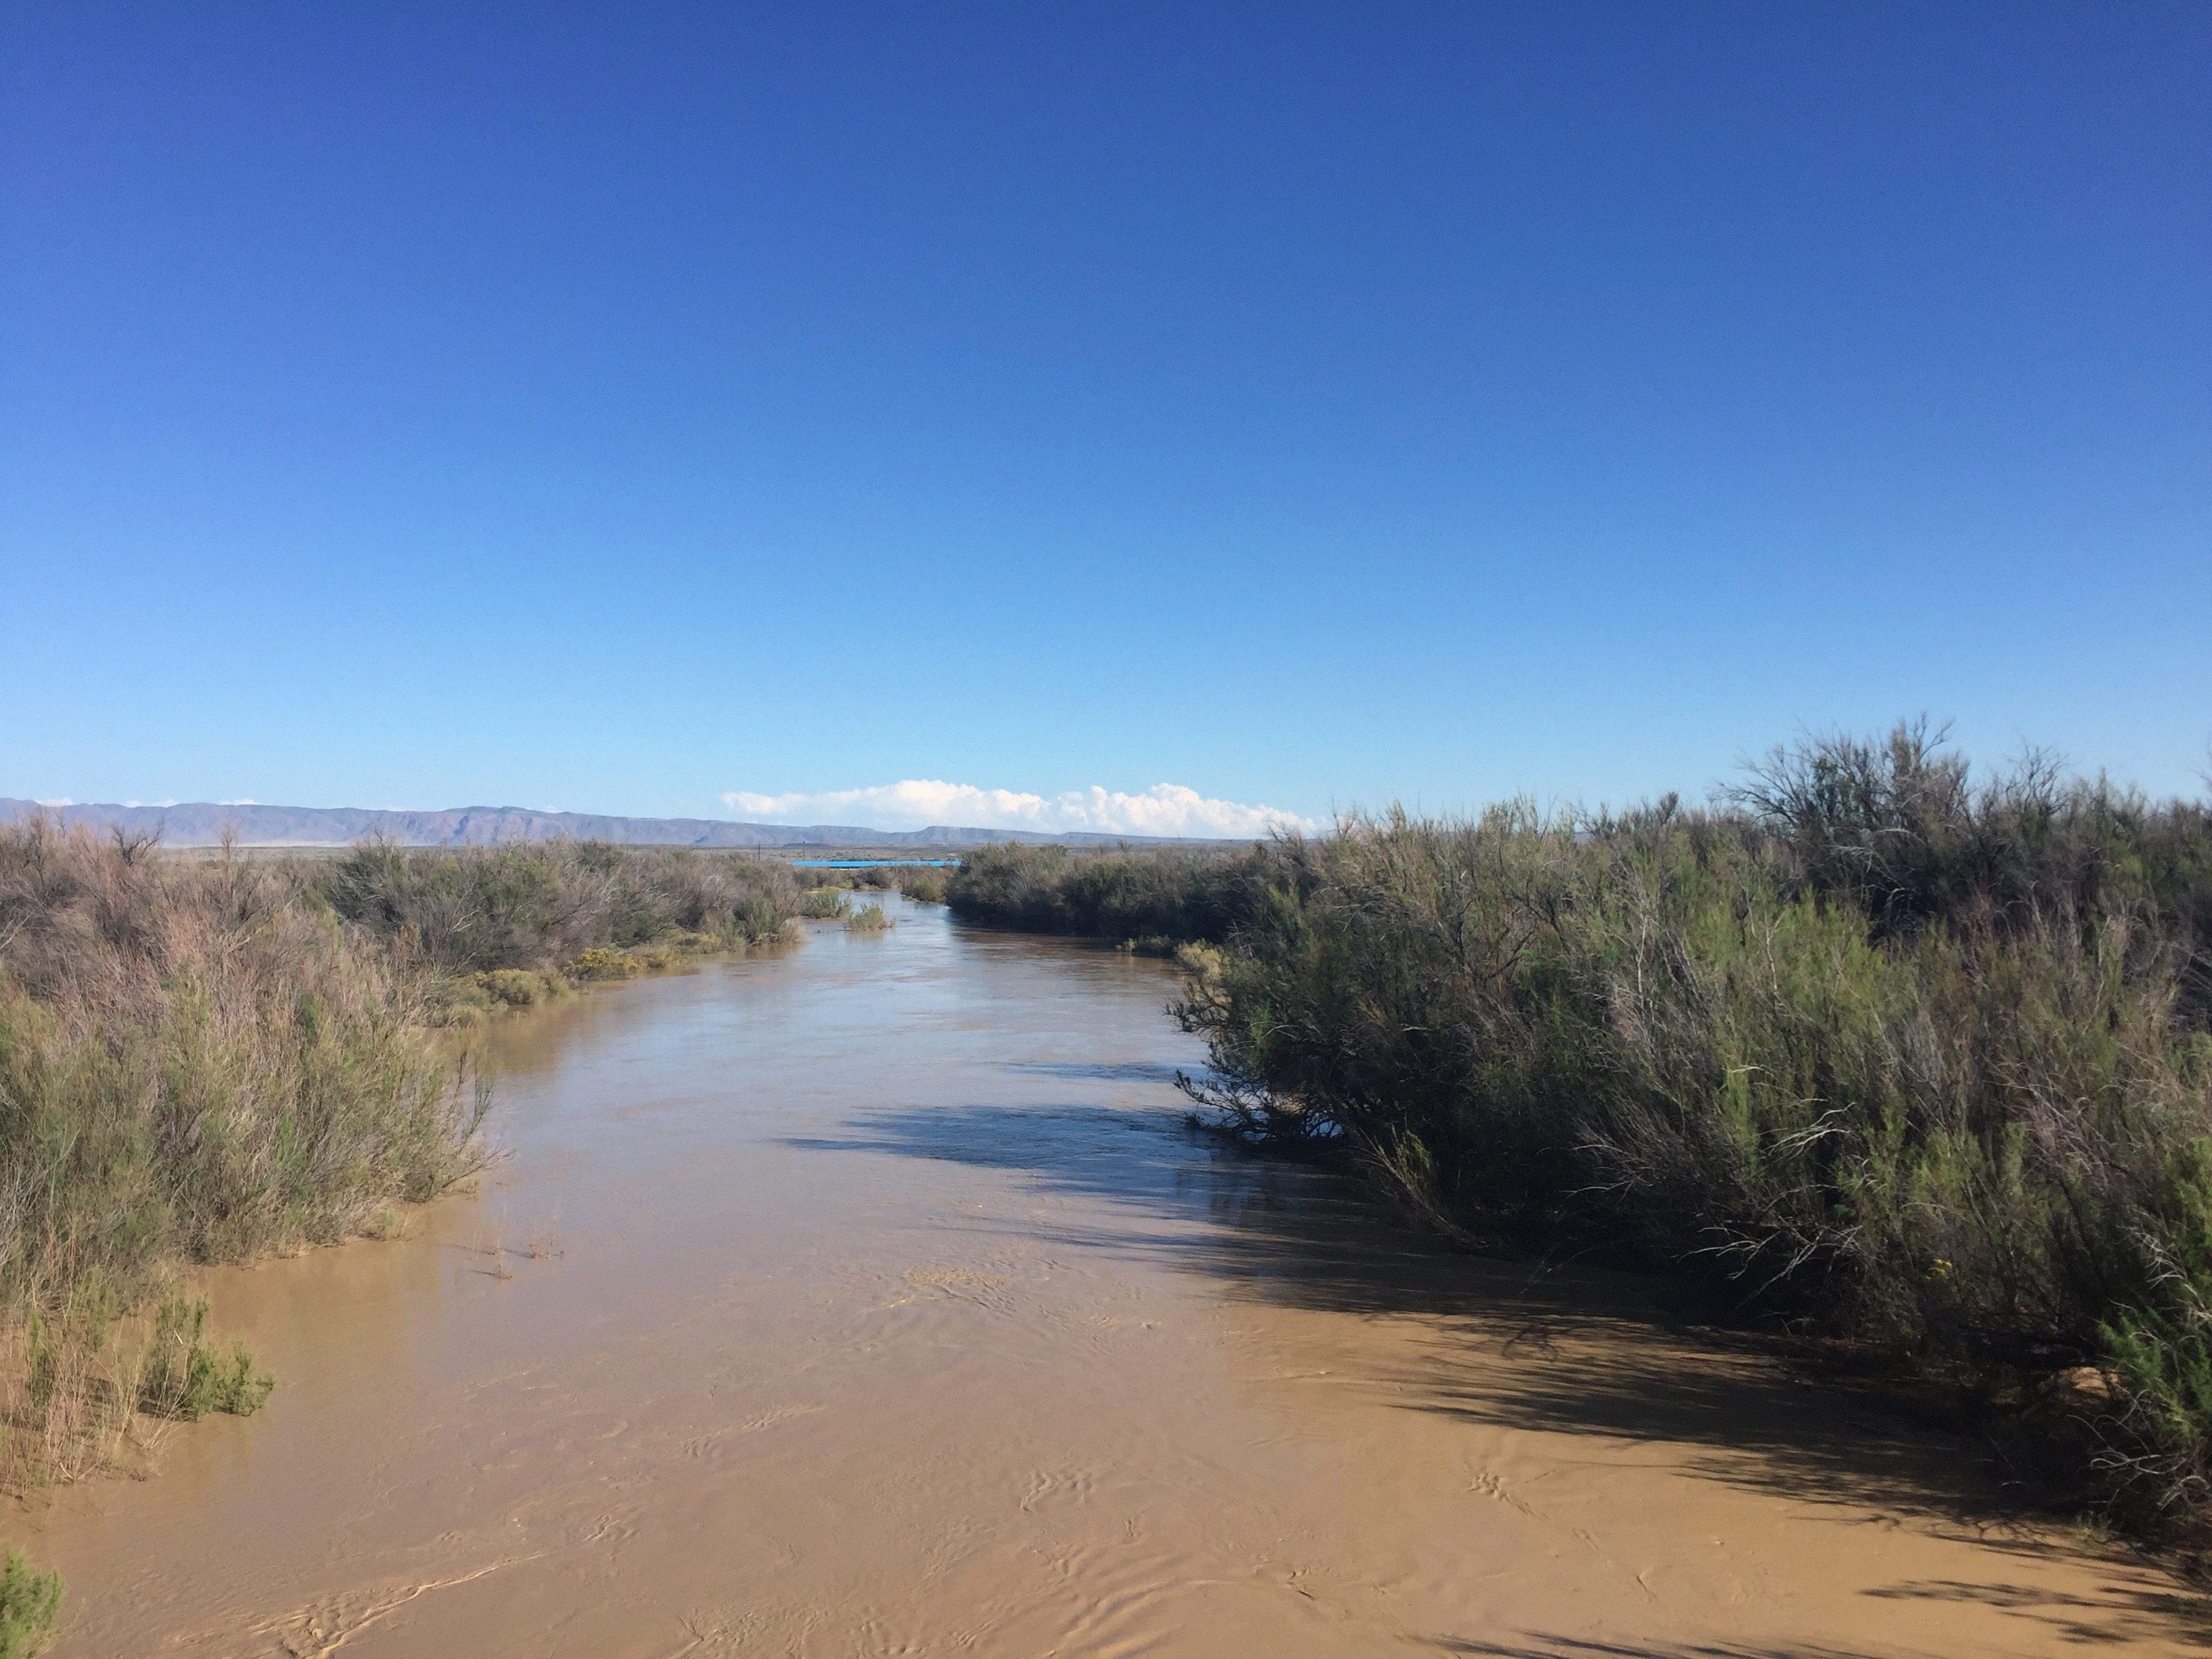 La Cuenca del Río Grande se encuentra en su Punto de Rompimiento Ecológico.  Actuar para preservar su protección de la ley de agua limpia - Waterkeeper